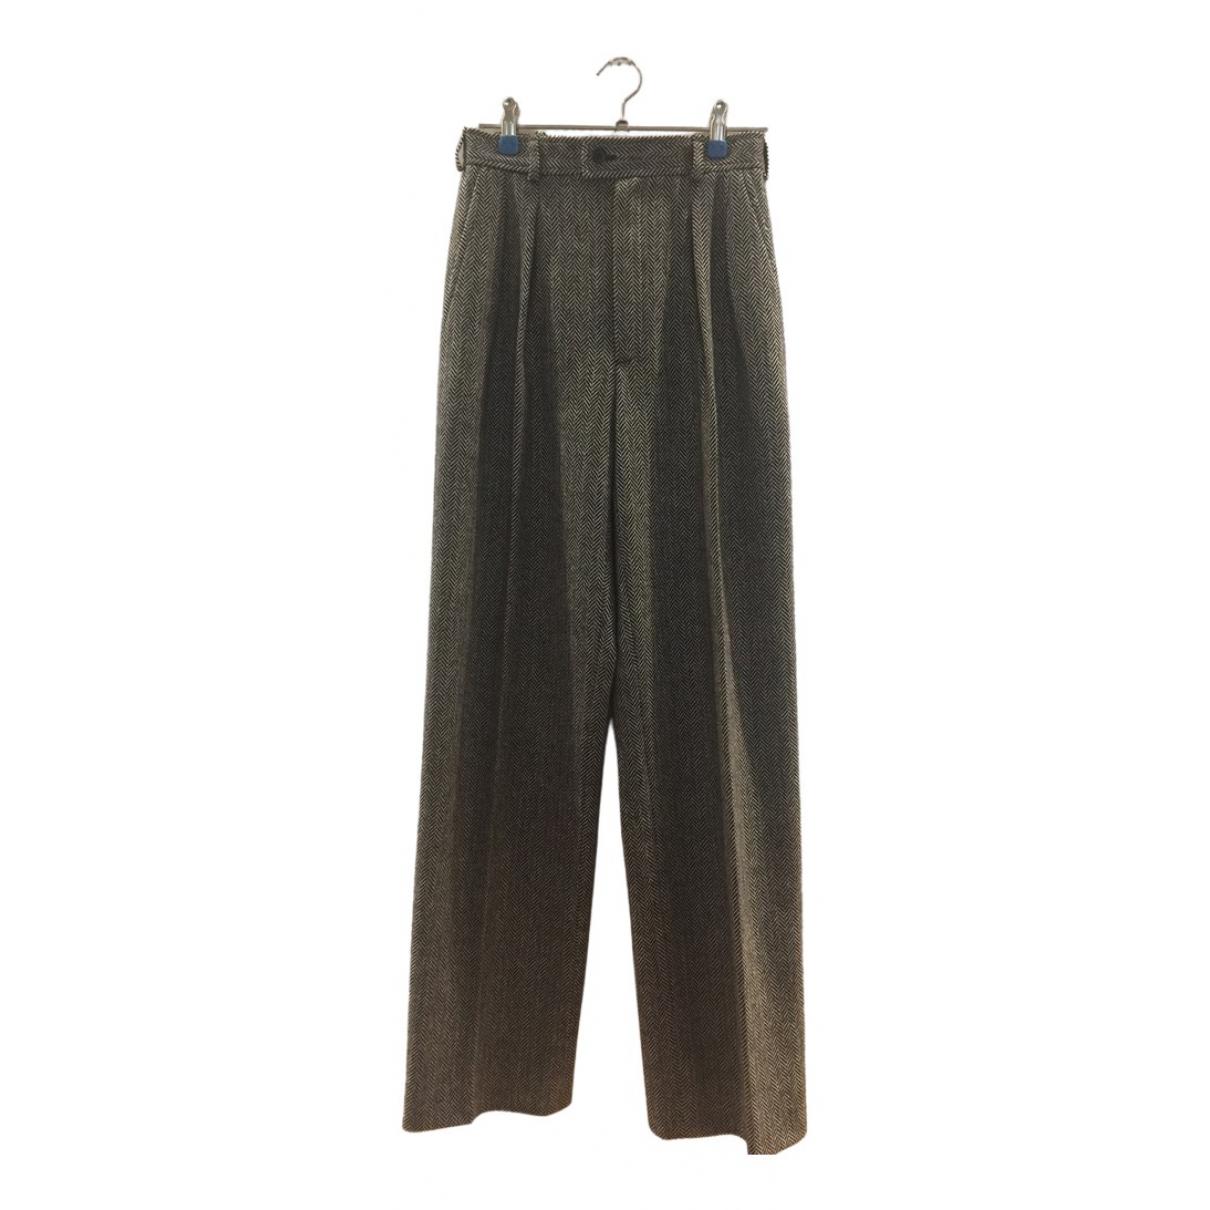 Pantalon de traje de Lana Yves Saint Laurent